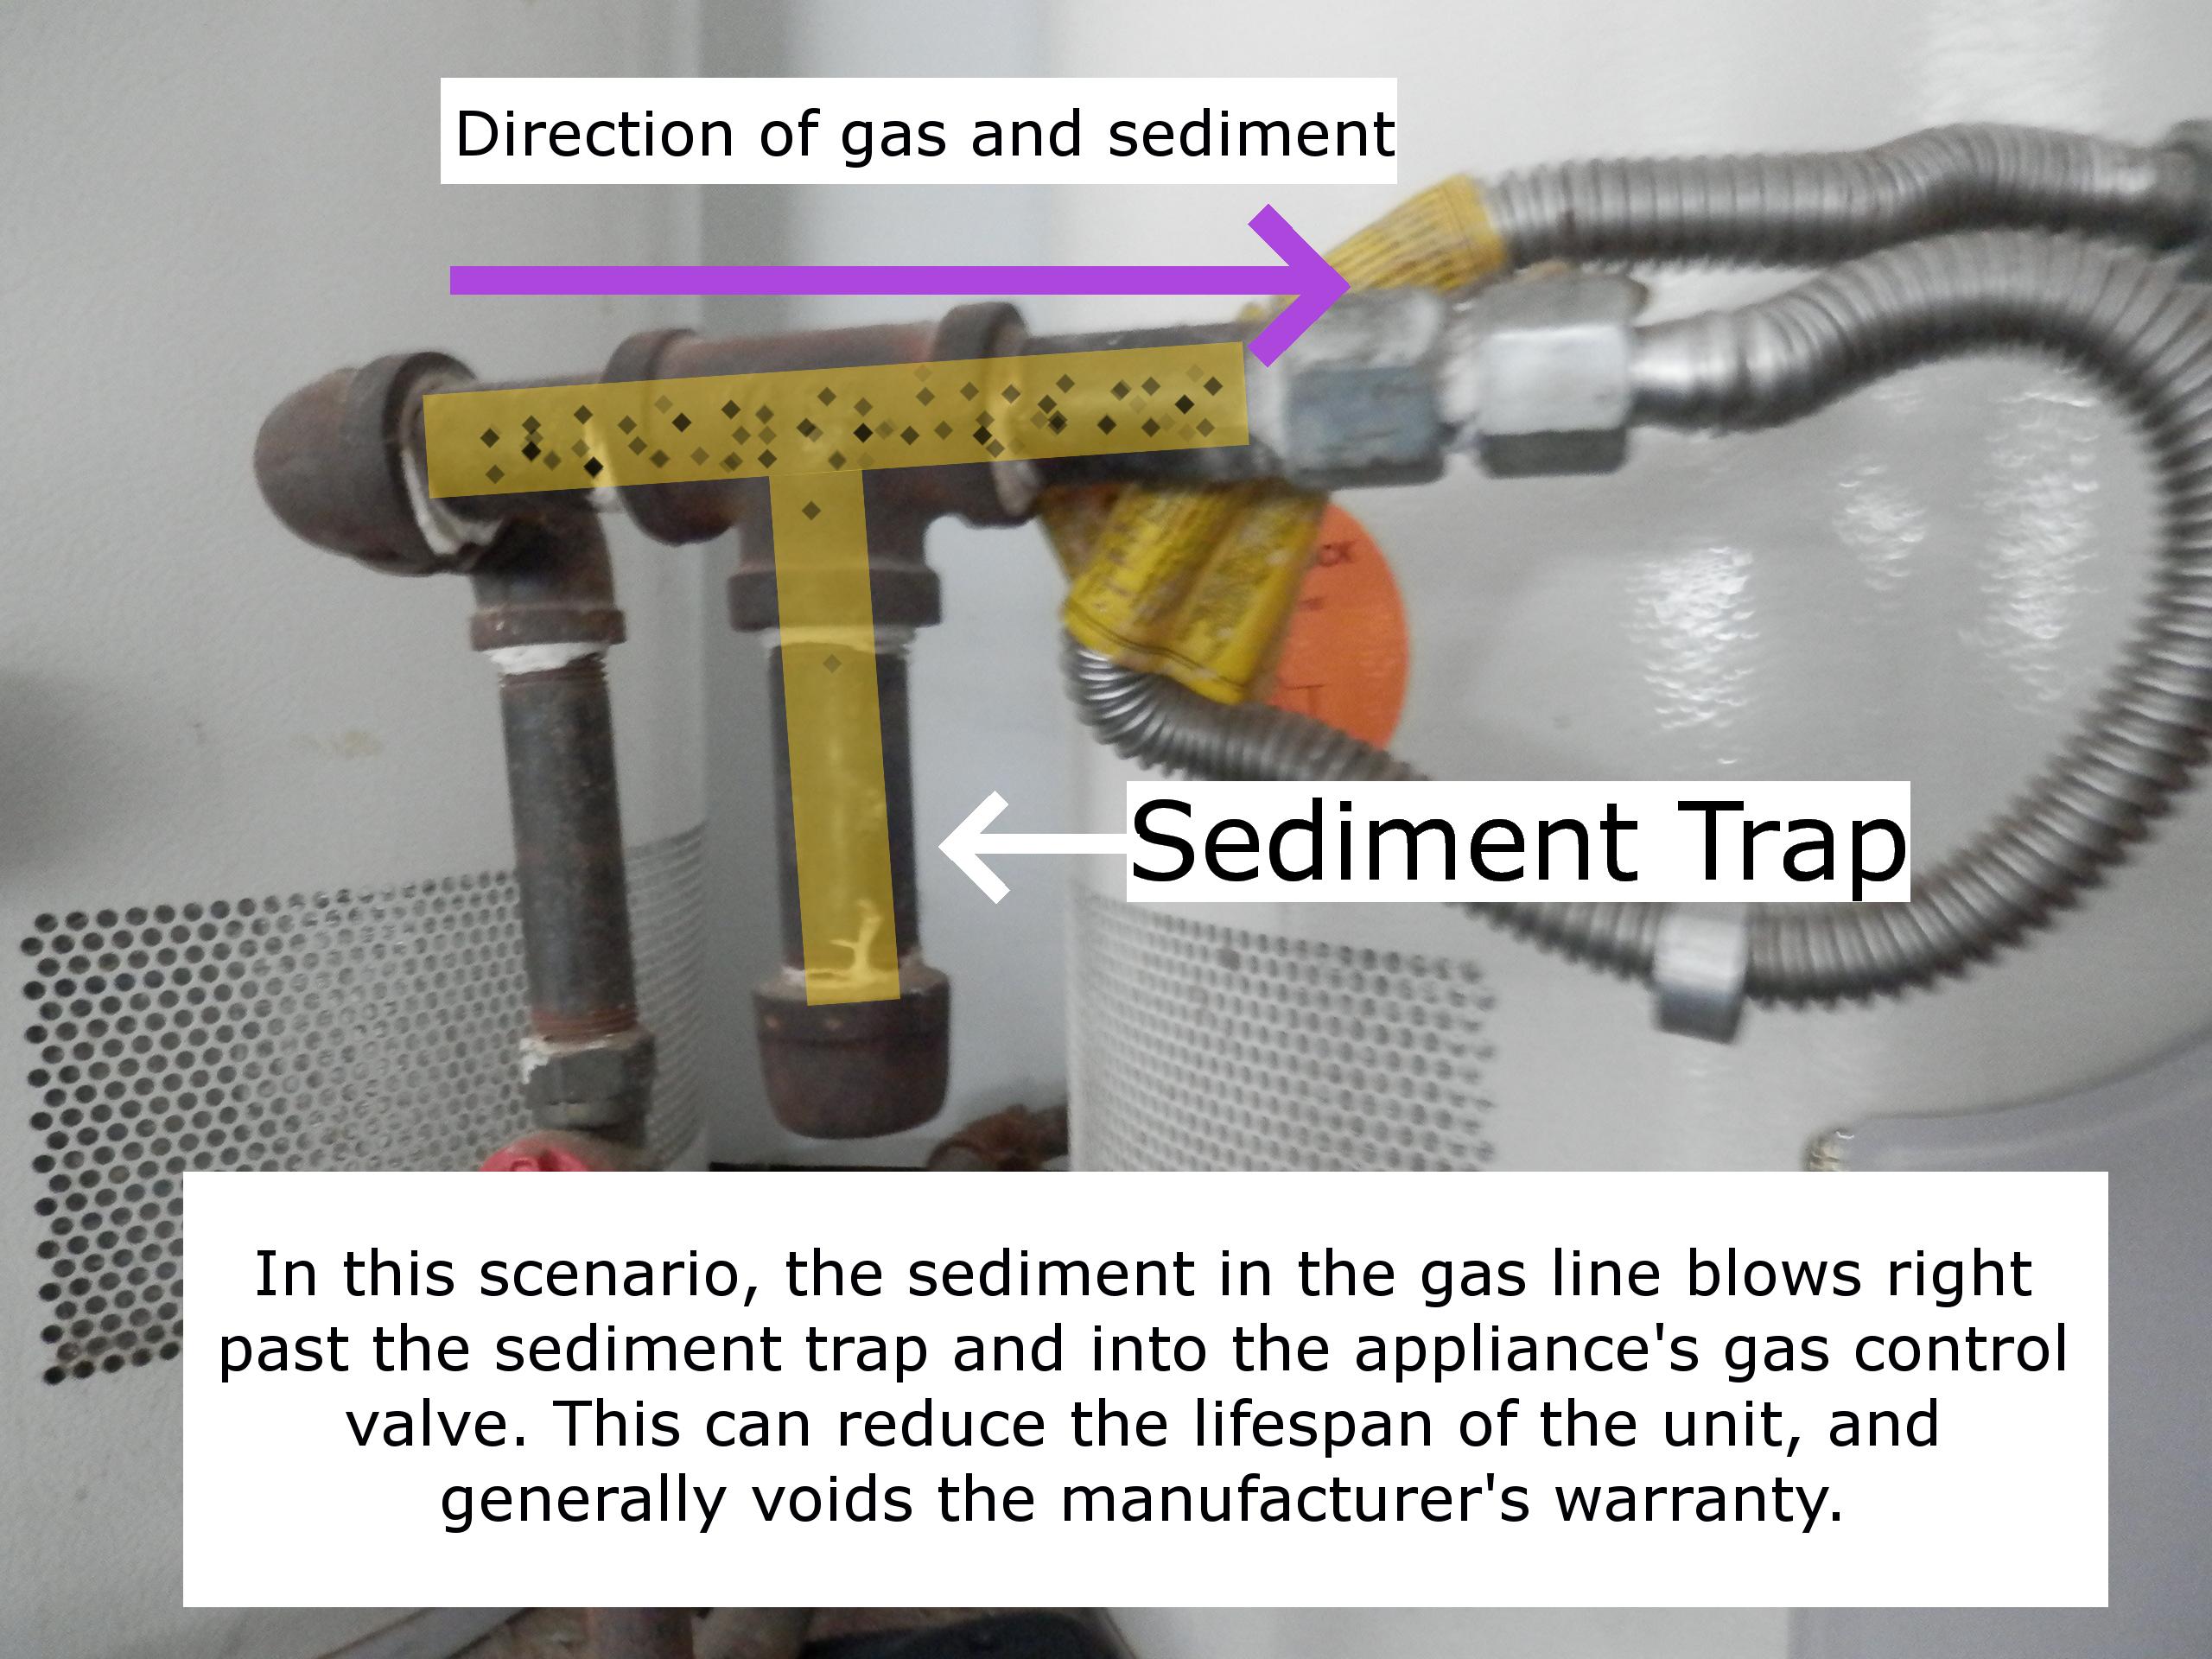 Improper Sediment Trap